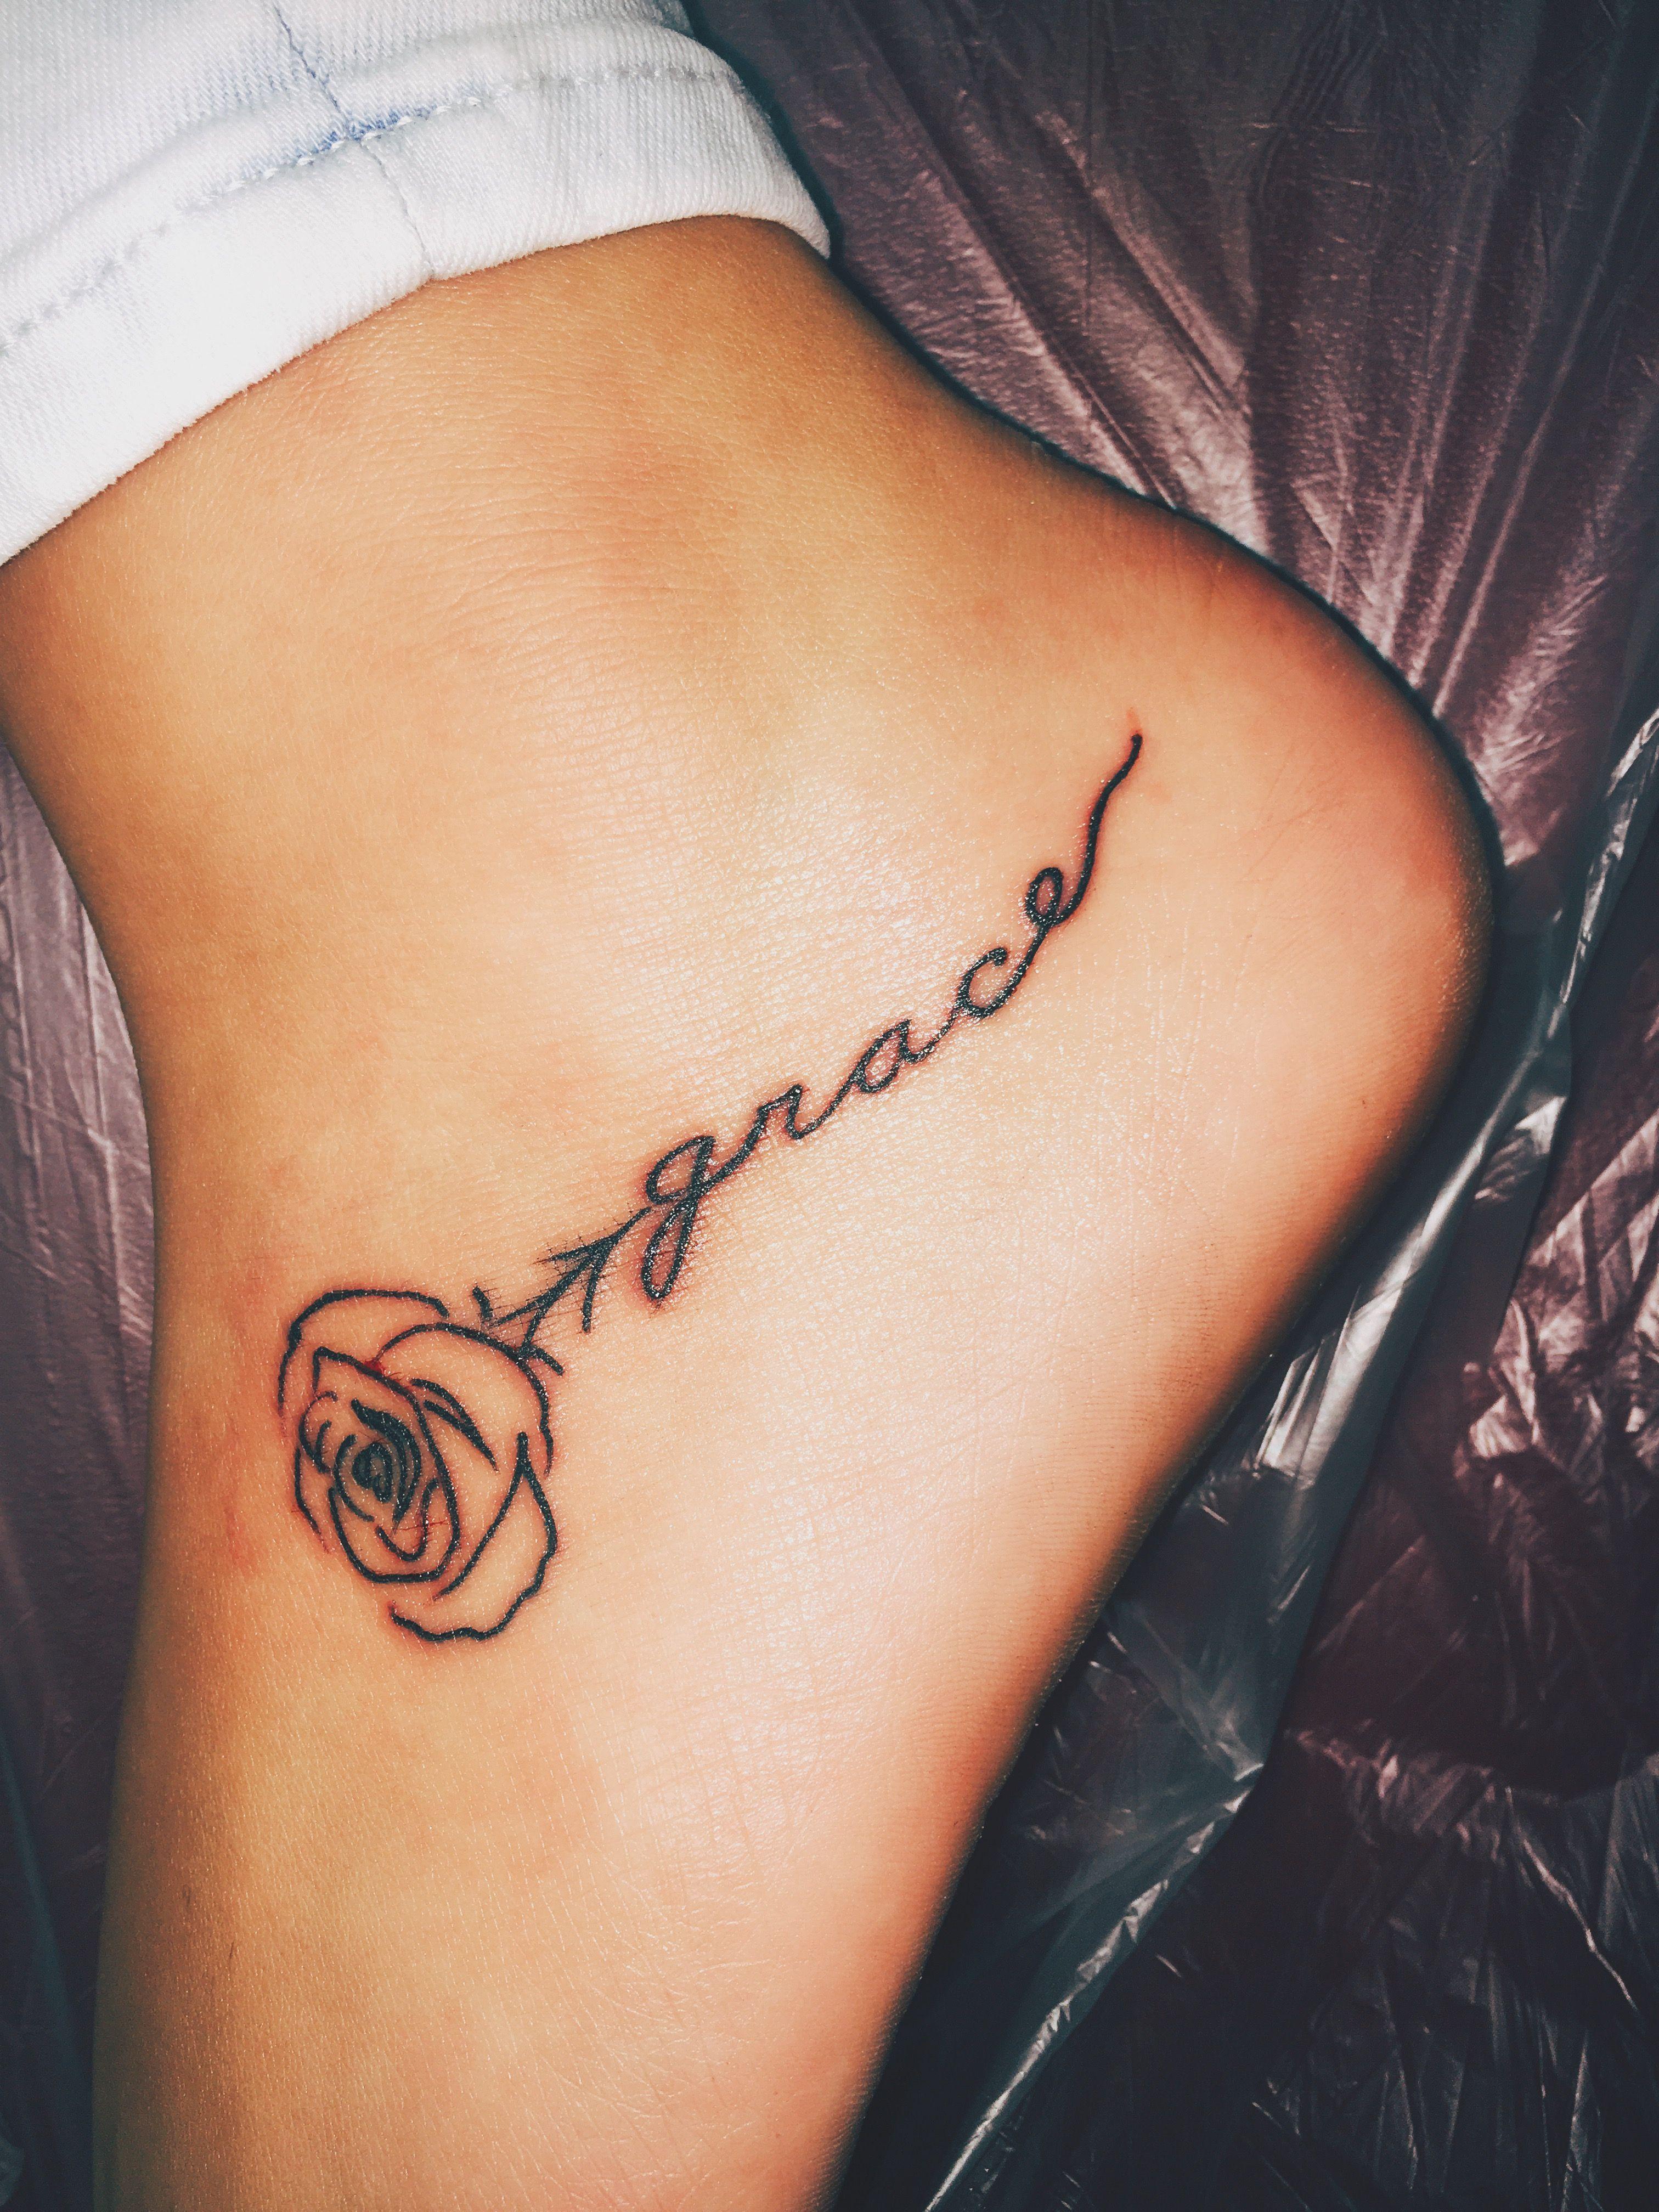 Small Rose Tattoo On Foot : small, tattoo, Tattoo, Tattoos,, Tattoos, Girls,